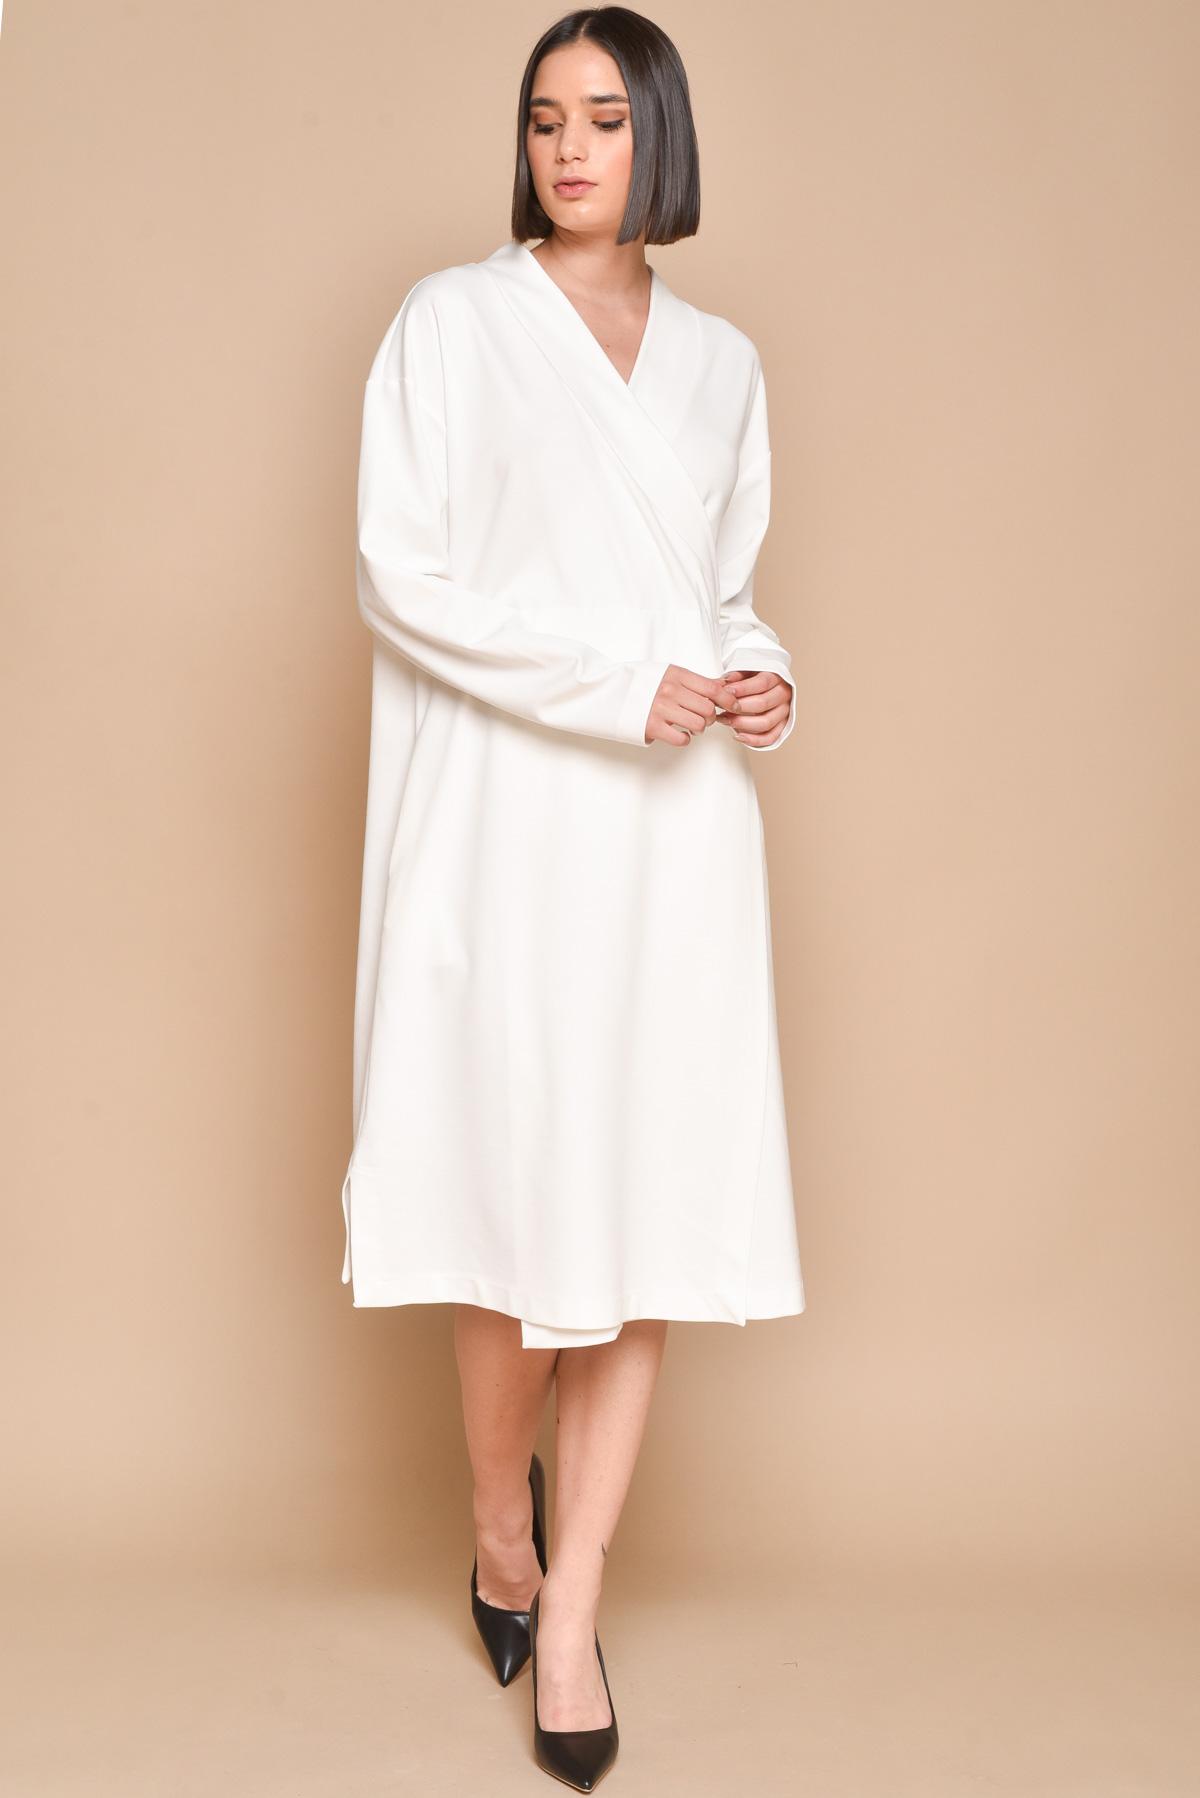 ABITO CON SCOLLO INCROCIATO for women - WHITE - Paquito Pronto Moda Shop Online